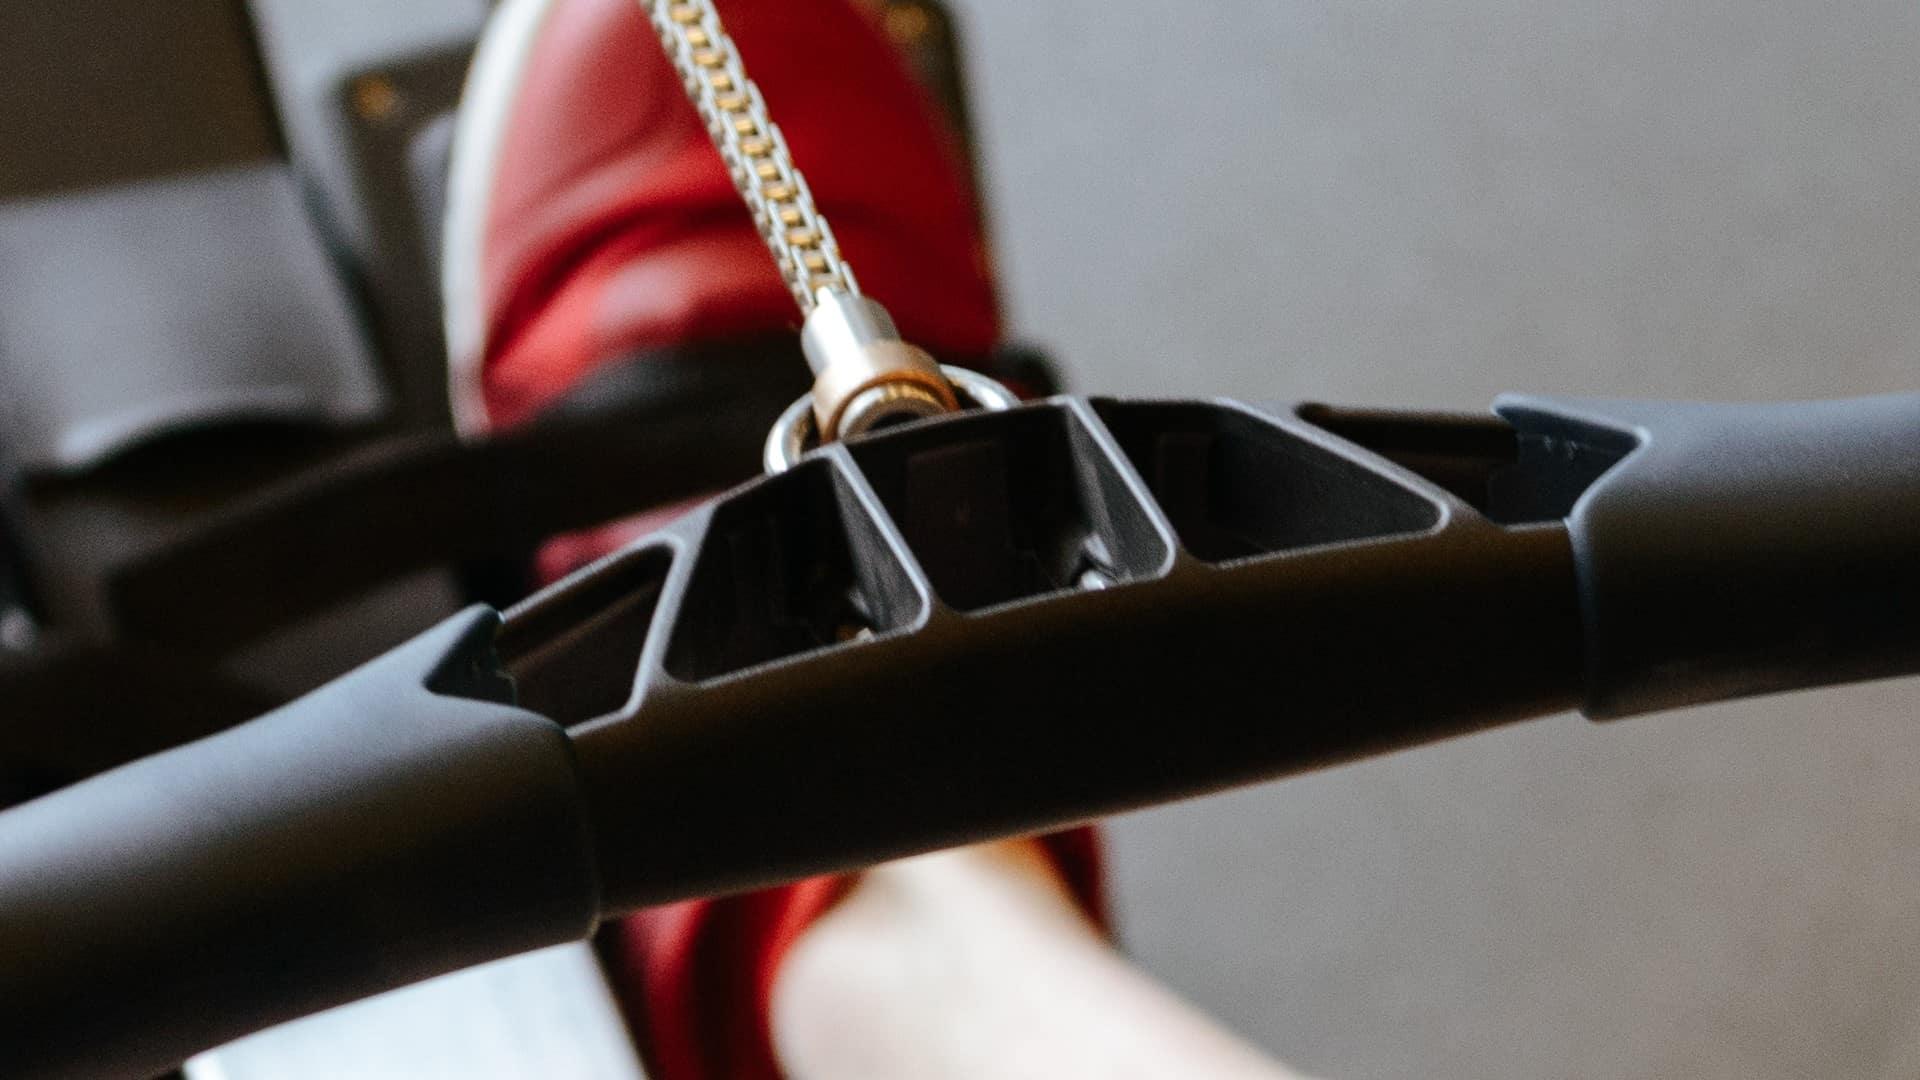 Miglior vogatore 2021: Guida all'acquisto